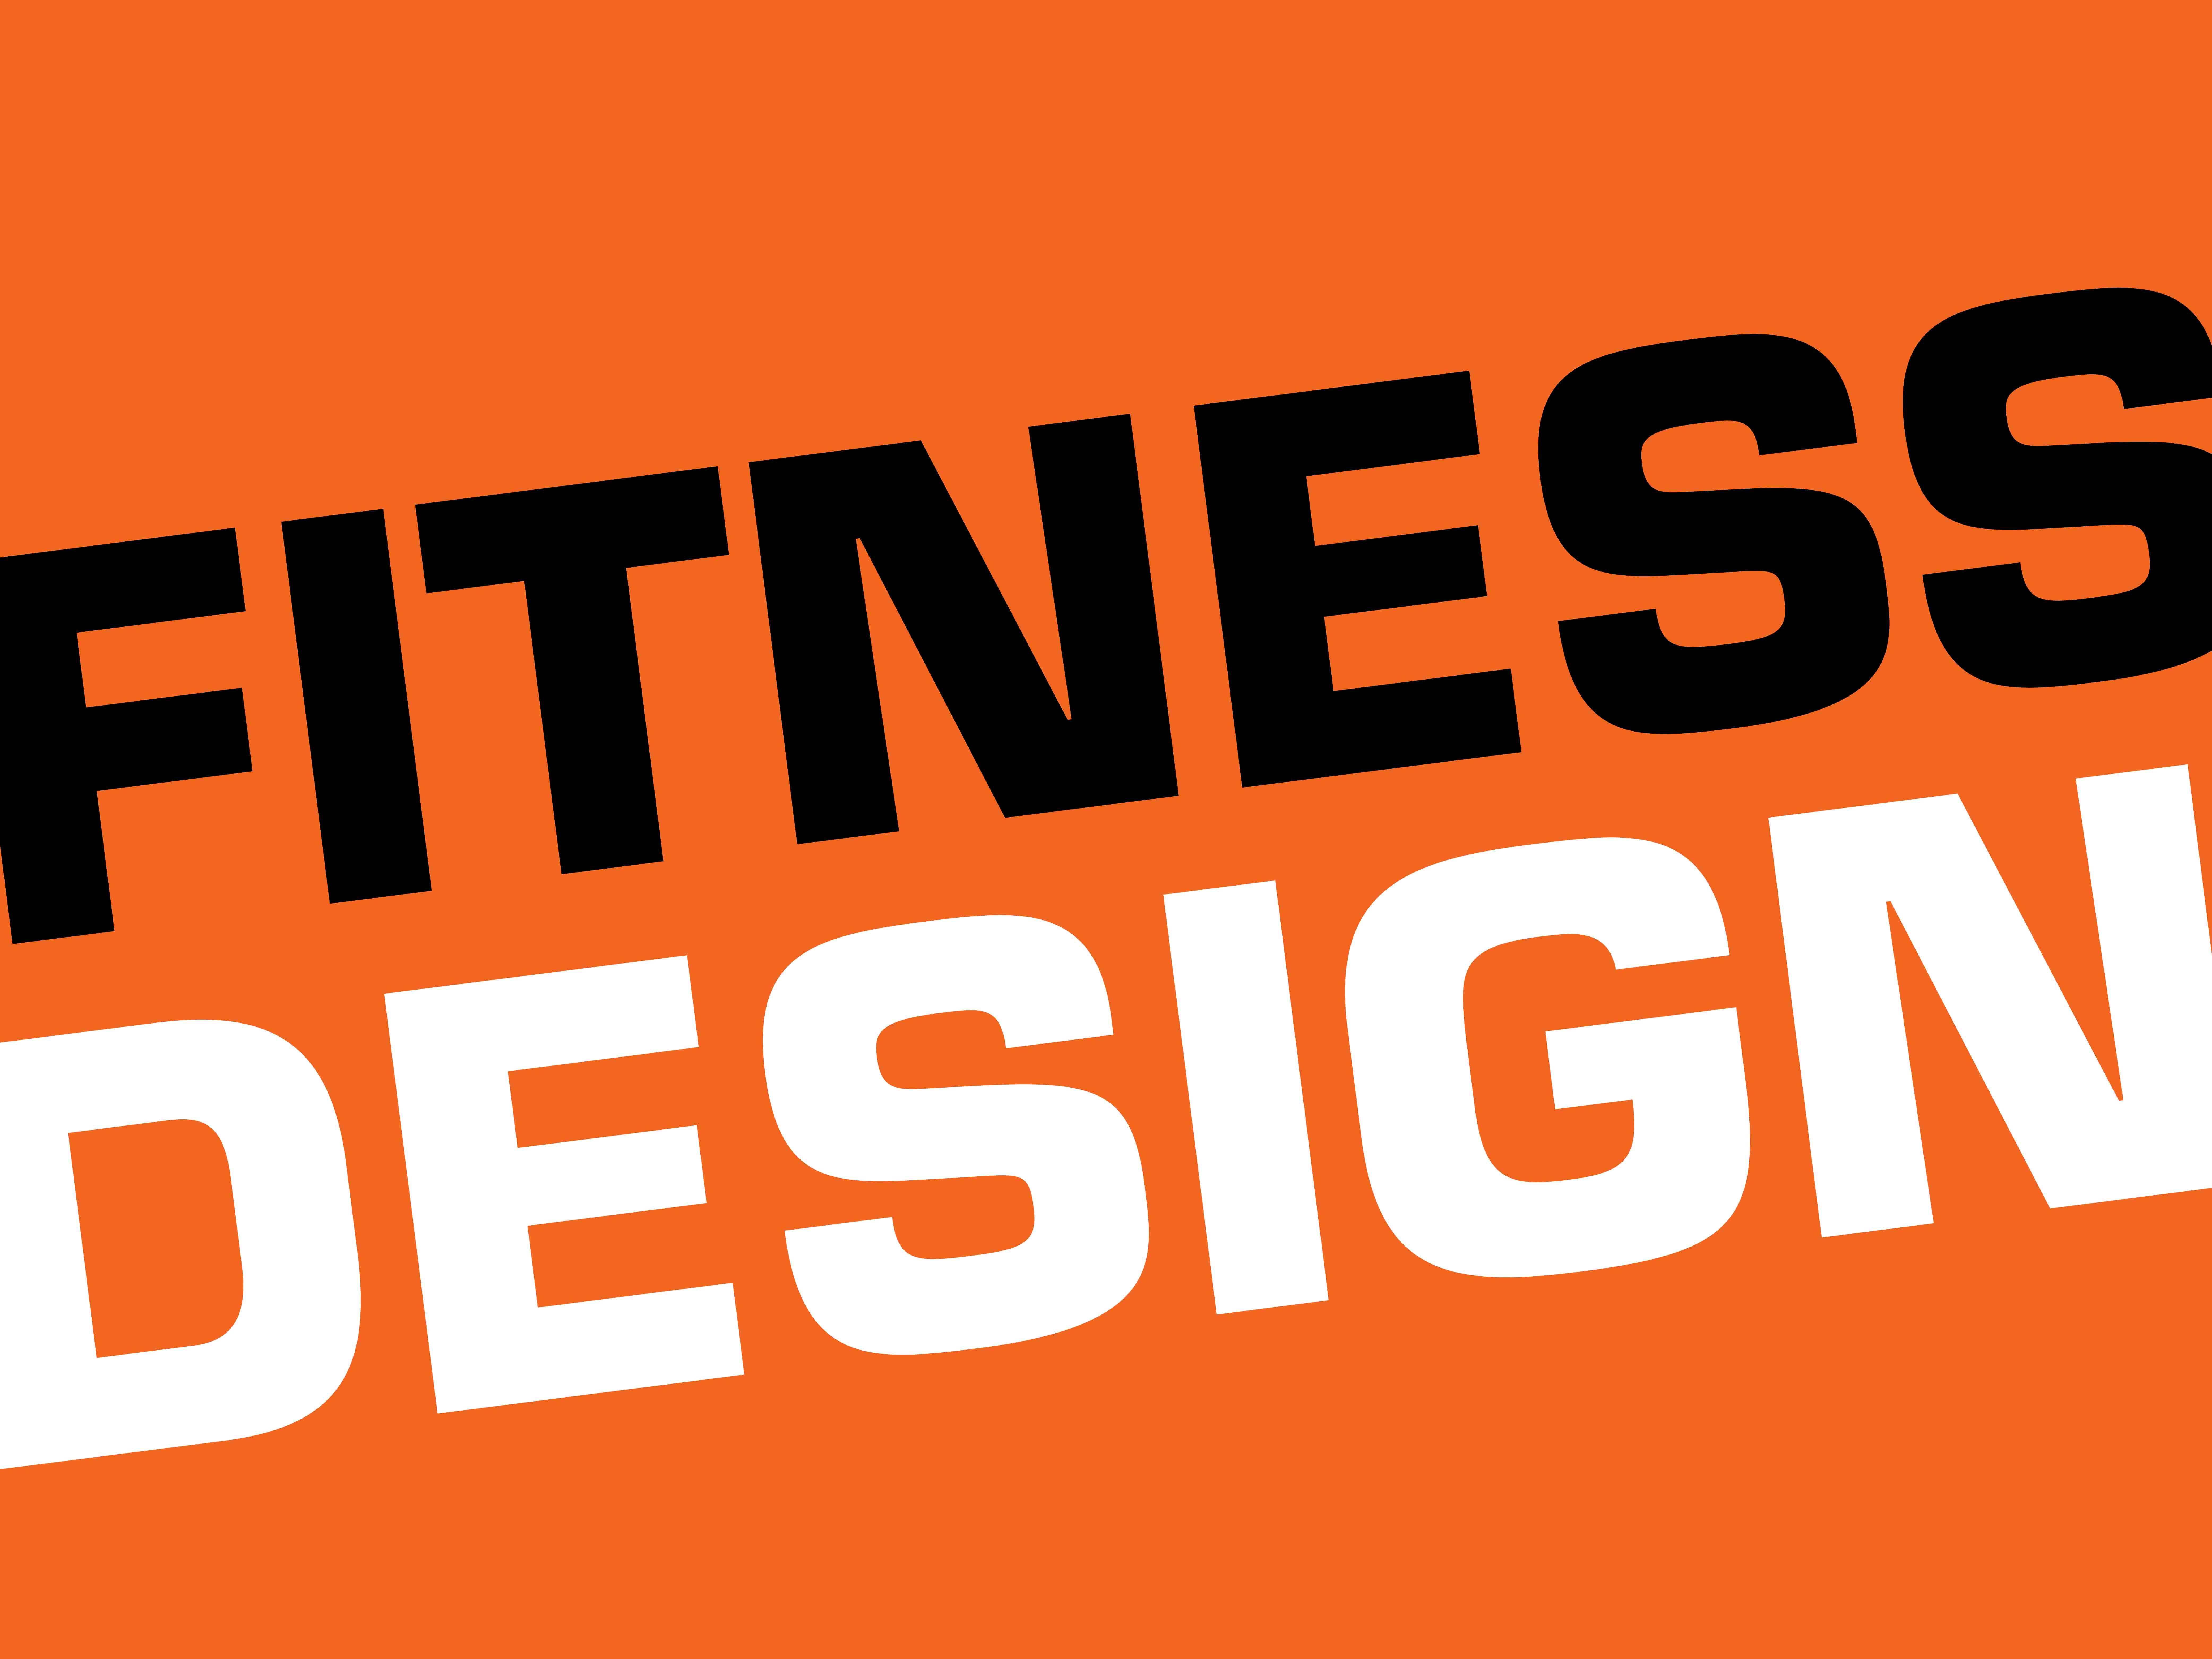 Fitnessdesign